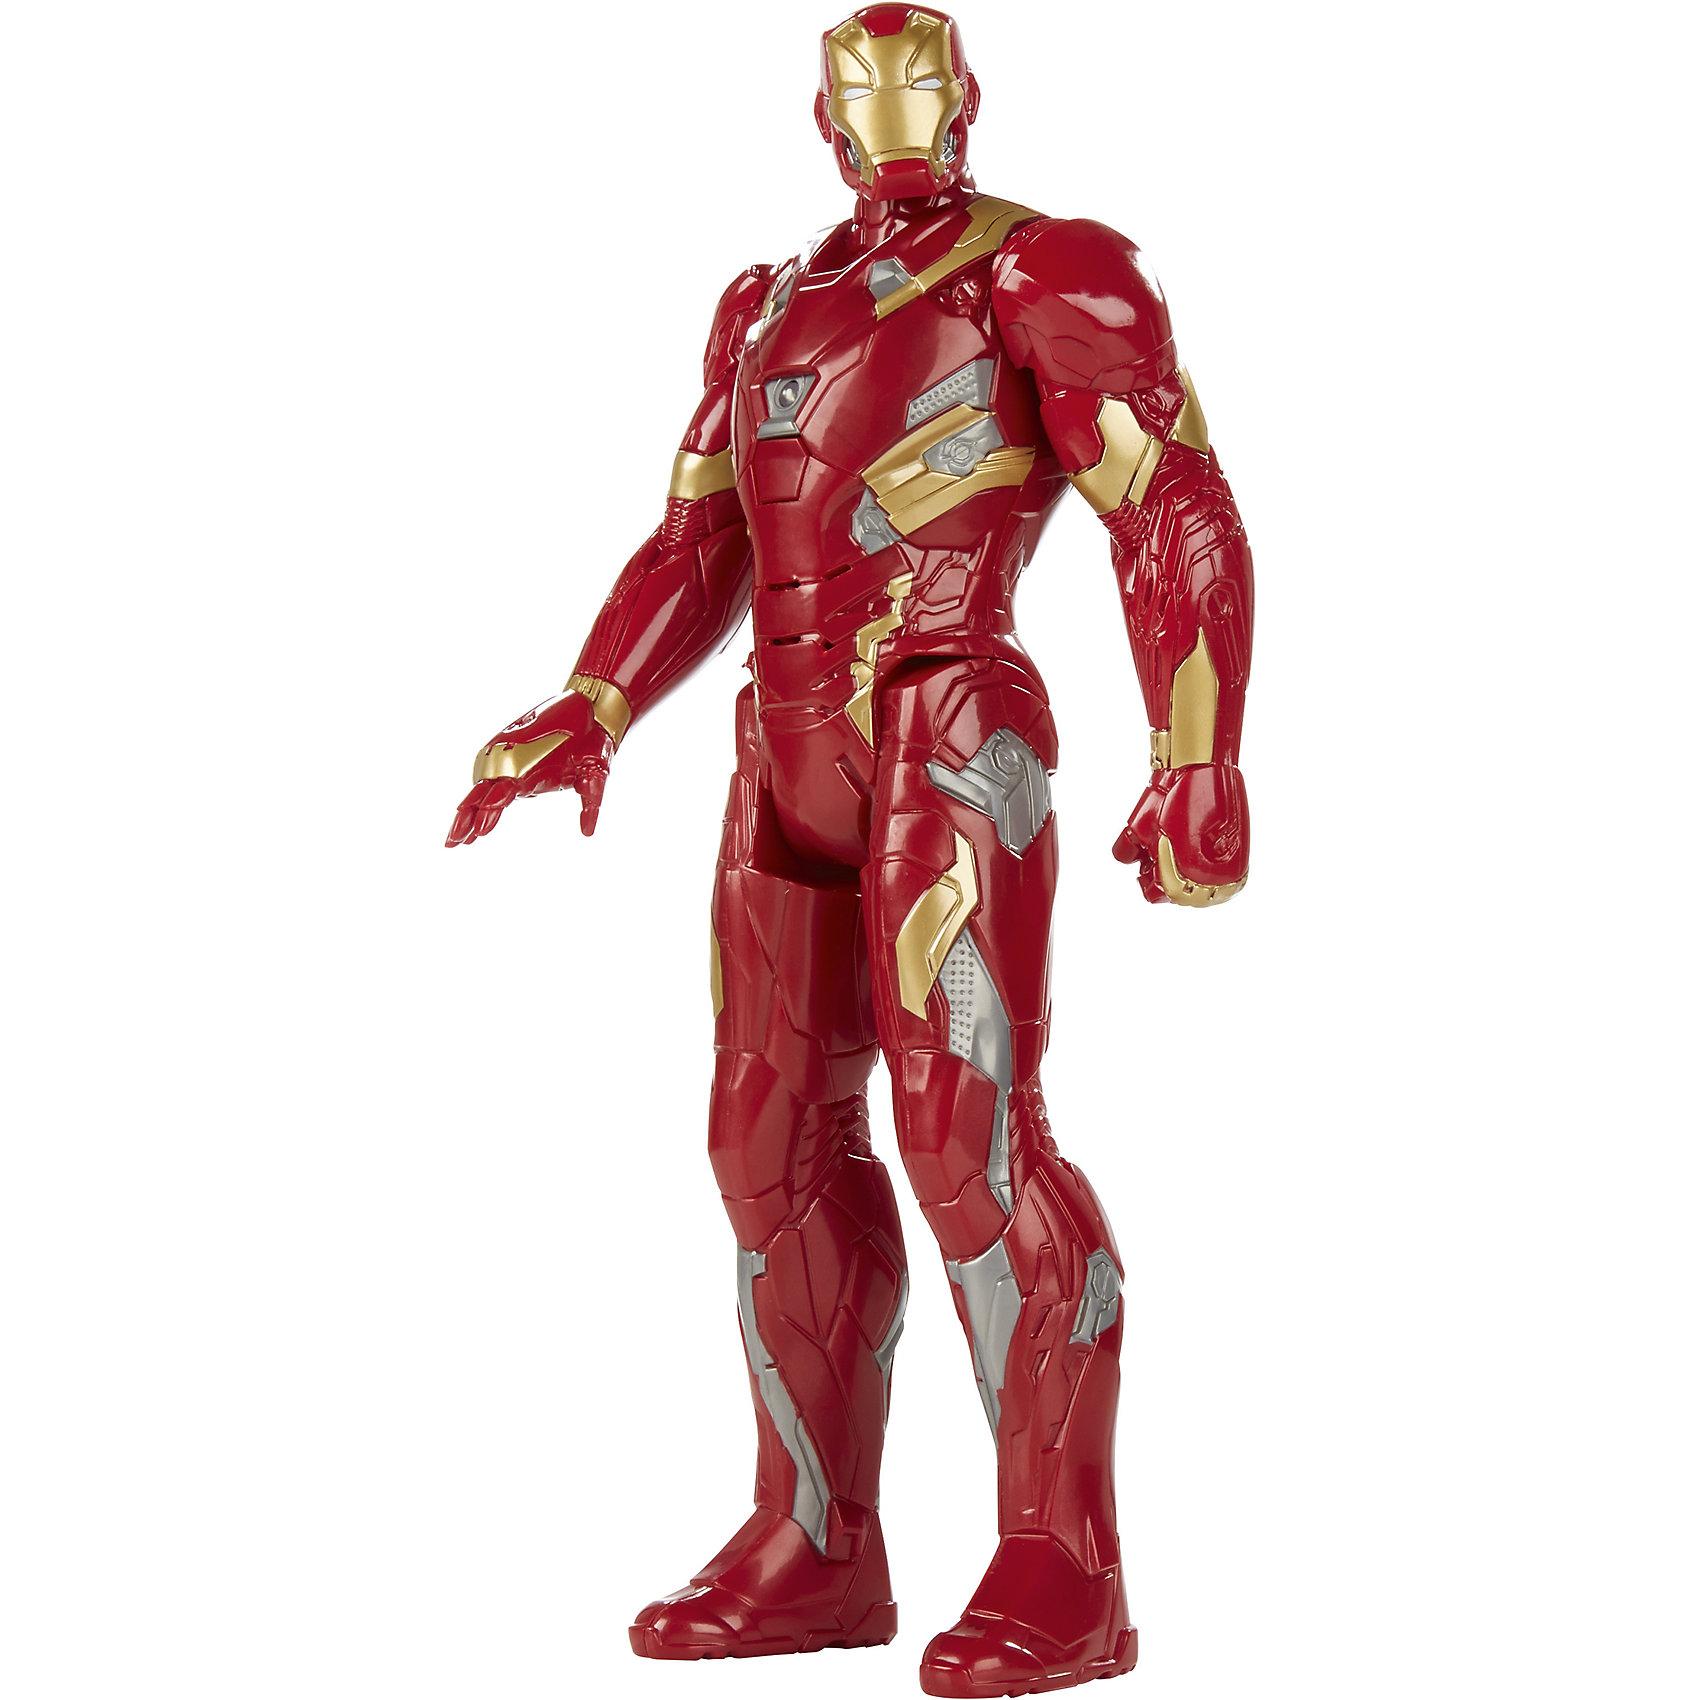 Интерактивная фигурка Железного ЧеловекаИнтерактивные игрушки для малышей<br>Интерактивная фигурка Железного Человека станет отличным подарком для Вашего ребенка, особенно если он является поклонником популярных комиксов и фильмов о супергероях Мстители (Avengers). Большая фигурка Железного человека выполнена с высокой степенью детализации и полностью повторяет своего экранного персонажа. Популярный супергерой обладает мощным костюмом, который великолепно защищает его от противников и придает ему силу и ловкость. У фигурки подвижные части тела, она может поднимать и опускать руки и ноги, вращать головой. Материал представляет собой высококачественный пластик ярких цветов. На груди фигурки расположена кнопка, при нажатии на которую загорается лампочка и раздаются звуковые эффекты, также Железный Человек произносит фразы на русском языке. Теперь вместе с другими фигурками из Мстителей можно придумать и разыграть новые истории о приключениях любимых персонажей.<br><br>Дополнительная информация:<br><br>- Материал: пластик.<br>- Требуются батарейки: 2 х АА (входят в комплект).<br>- Высота фигурки: 30 см.<br>- Размер упаковки: 17,8 х 6,4 х 30,5 см.<br>- Вес: 0,3 кг. <br><br>Интерактивную фигурку Железного Человека, Hasbro, можно купить в нашем интернет-магазине.<br><br>Ширина мм: 64<br>Глубина мм: 178<br>Высота мм: 305<br>Вес г: 375<br>Возраст от месяцев: 48<br>Возраст до месяцев: 192<br>Пол: Мужской<br>Возраст: Детский<br>SKU: 4708242